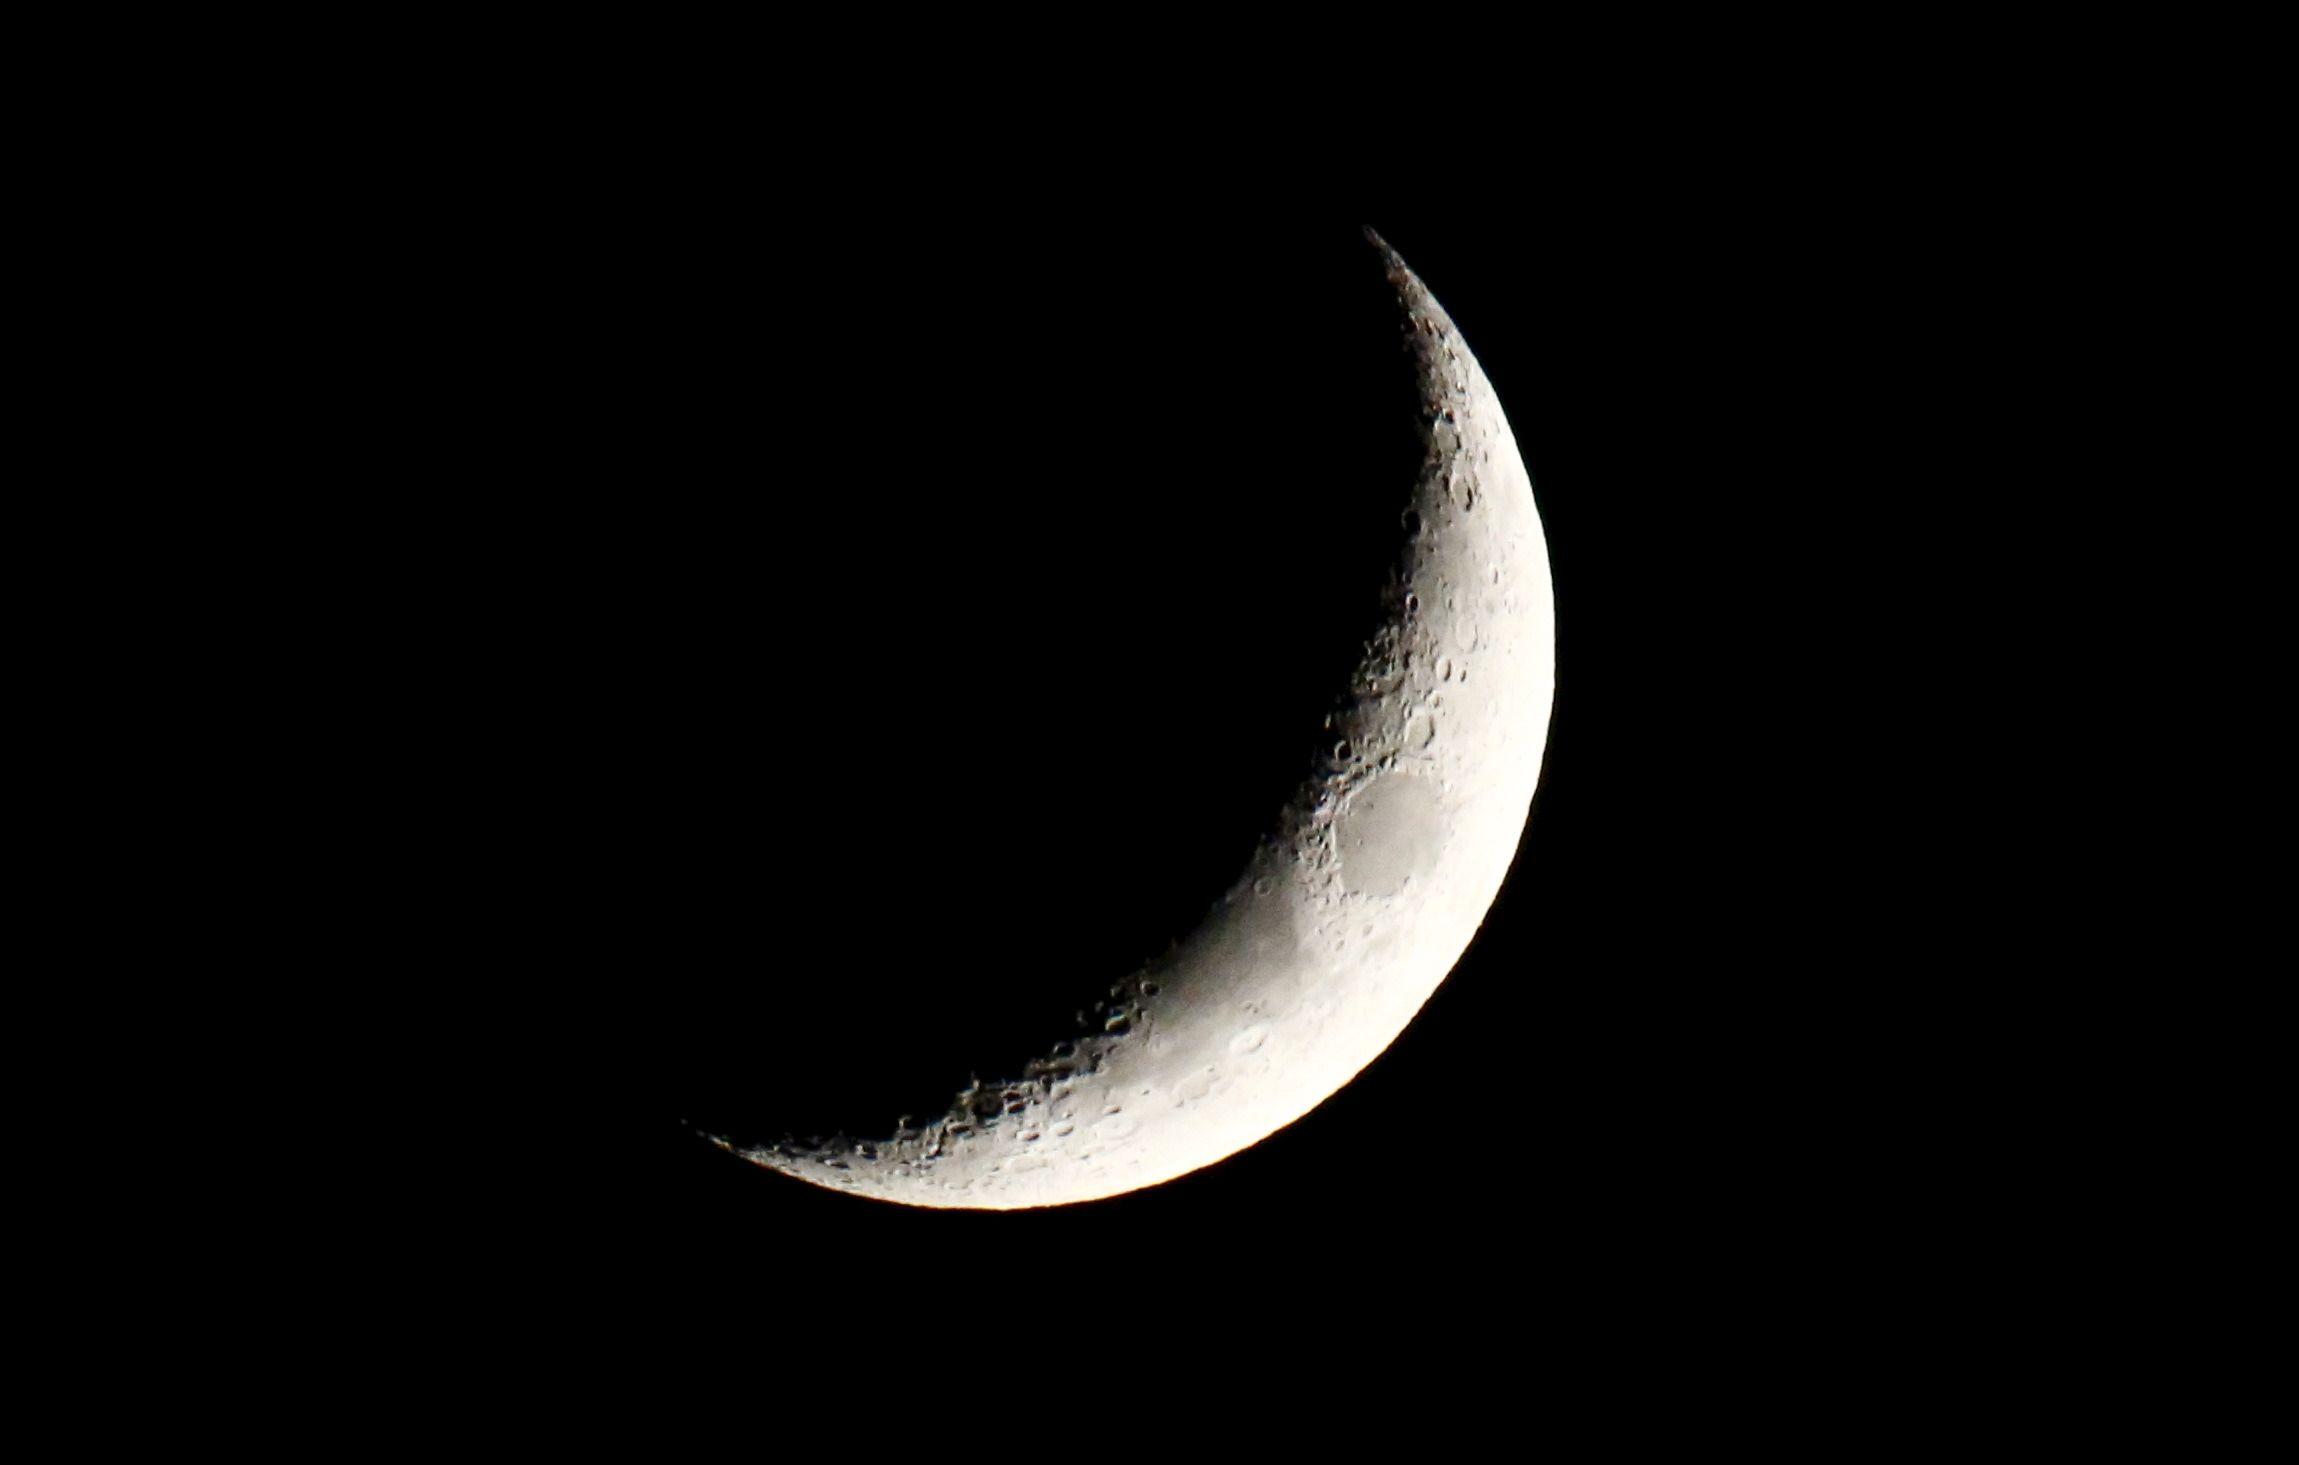 Pour un envoi de cendres sur la Lune, il n'en coûtera que 11 950 dollars avec la société américaine Elysium.